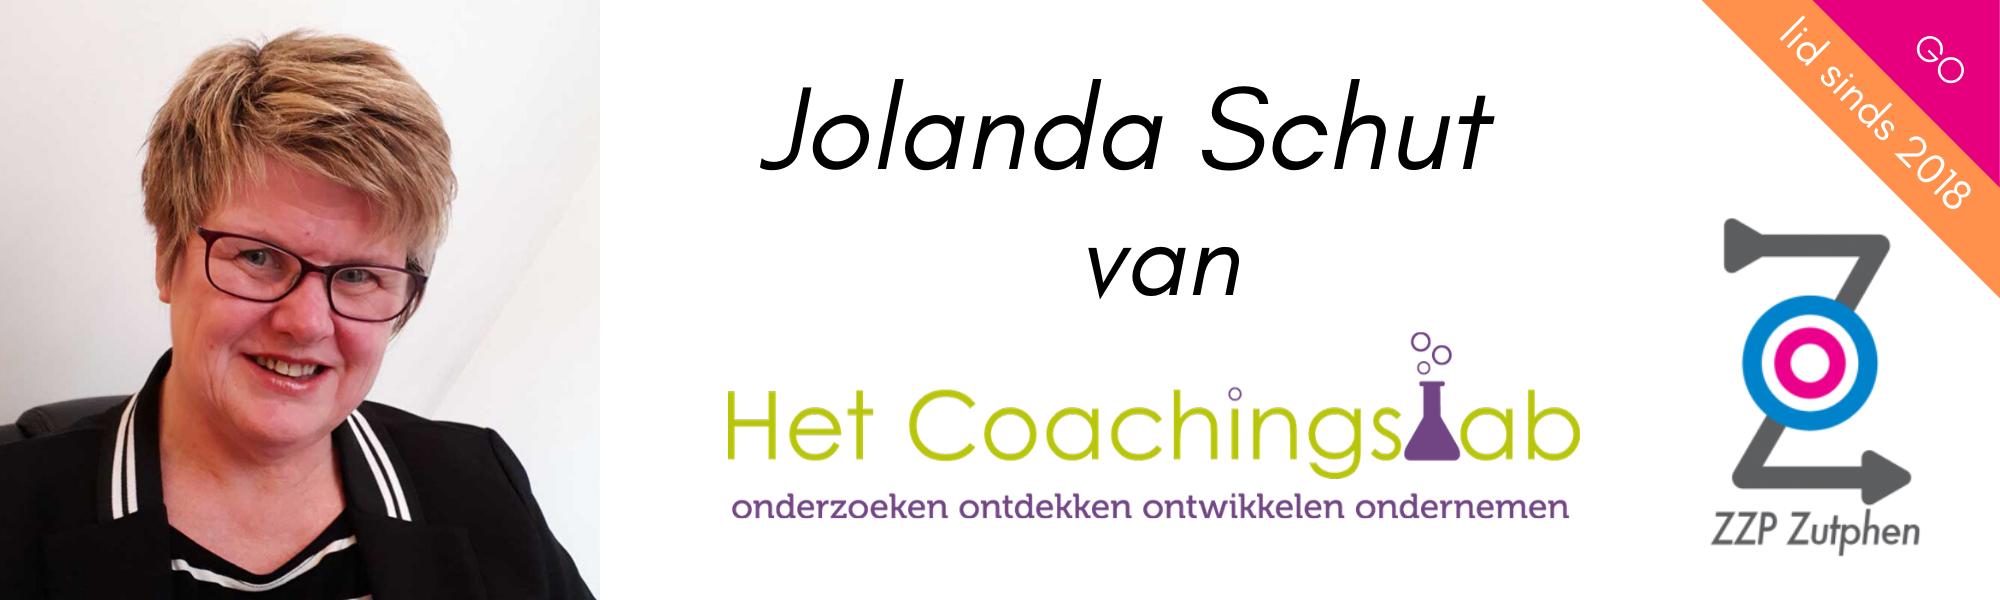 Coach inzetbaarheid Brummen